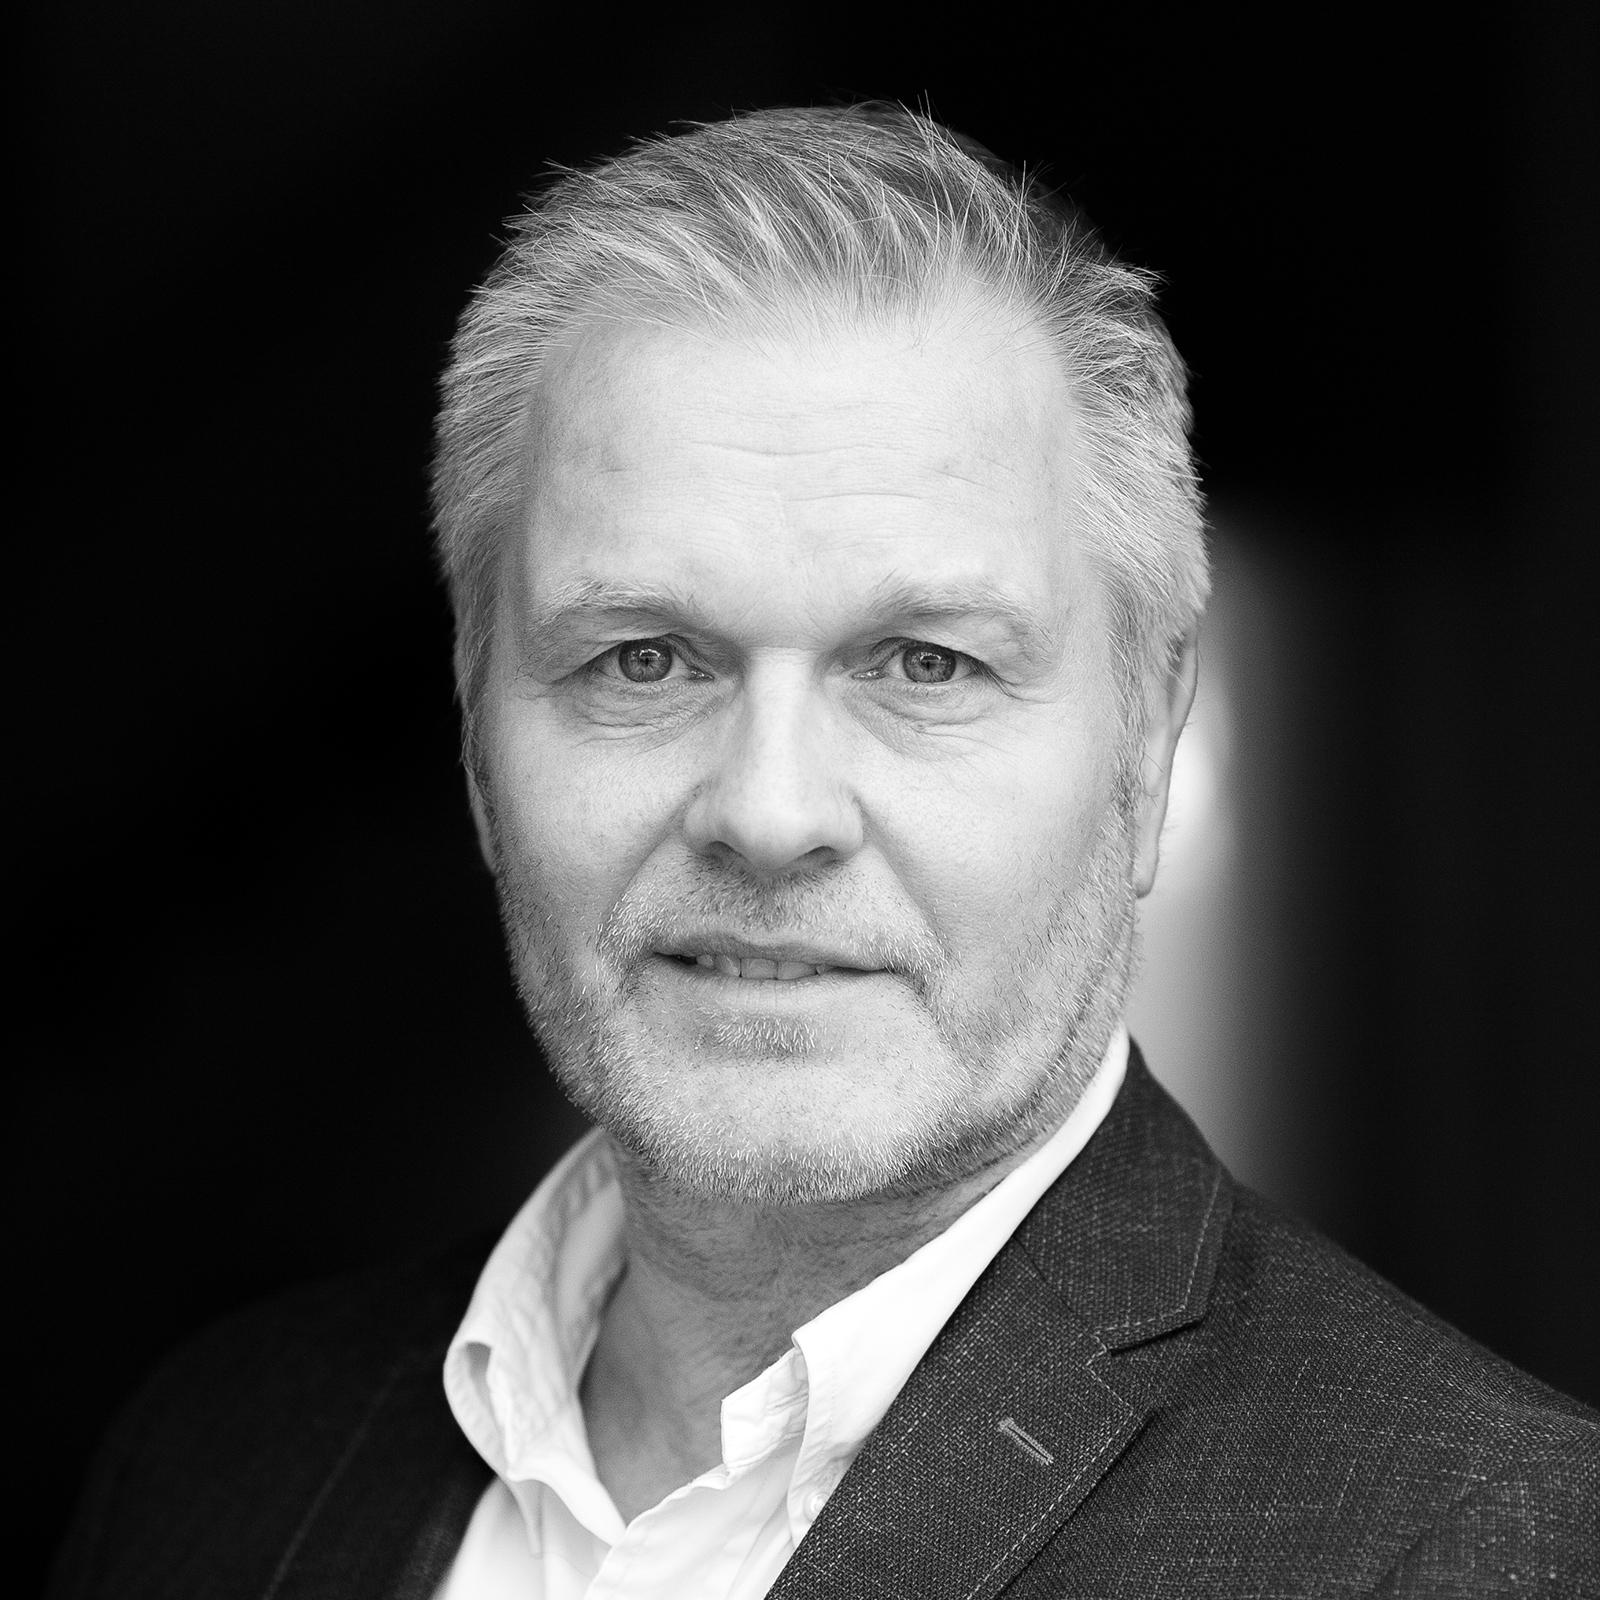 Carsten Stig Olsen